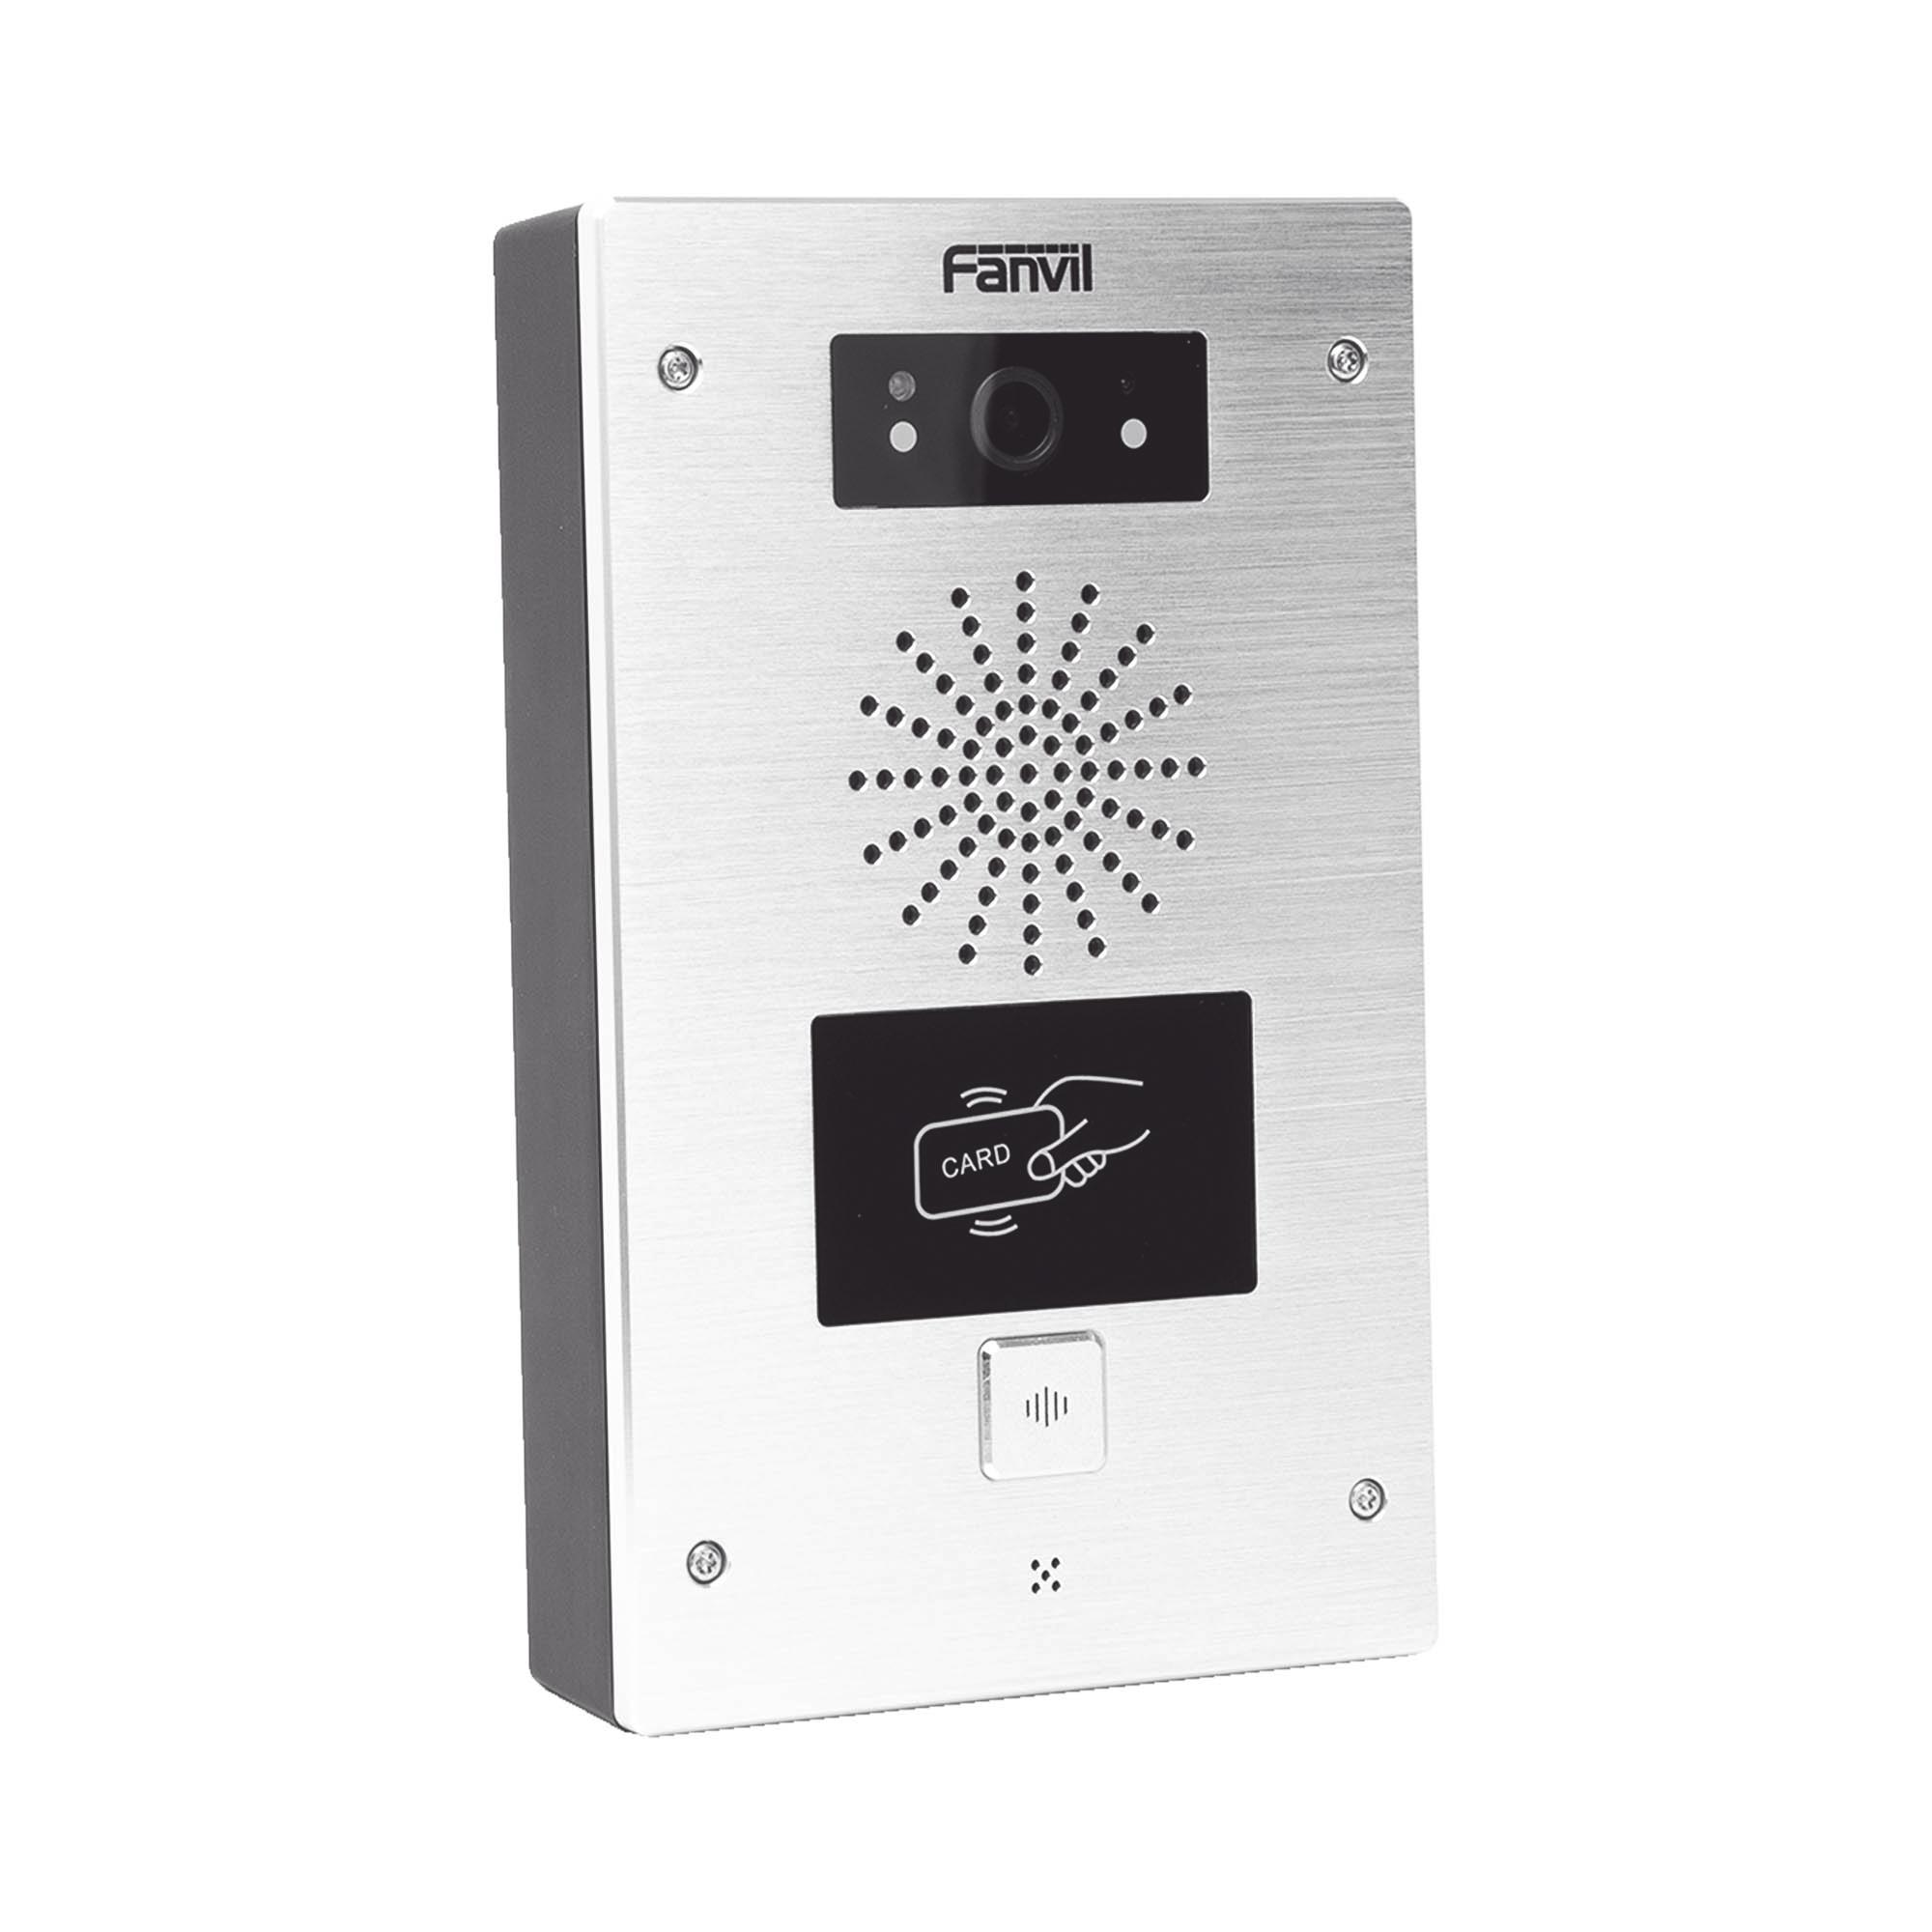 Video portero IP, 2 lineas SIP, 2 relevadores, lector de tarjeta RFID, Onvif, con boton para llamada, anti-vandalico, PoE, IP65 e IK10, PoE